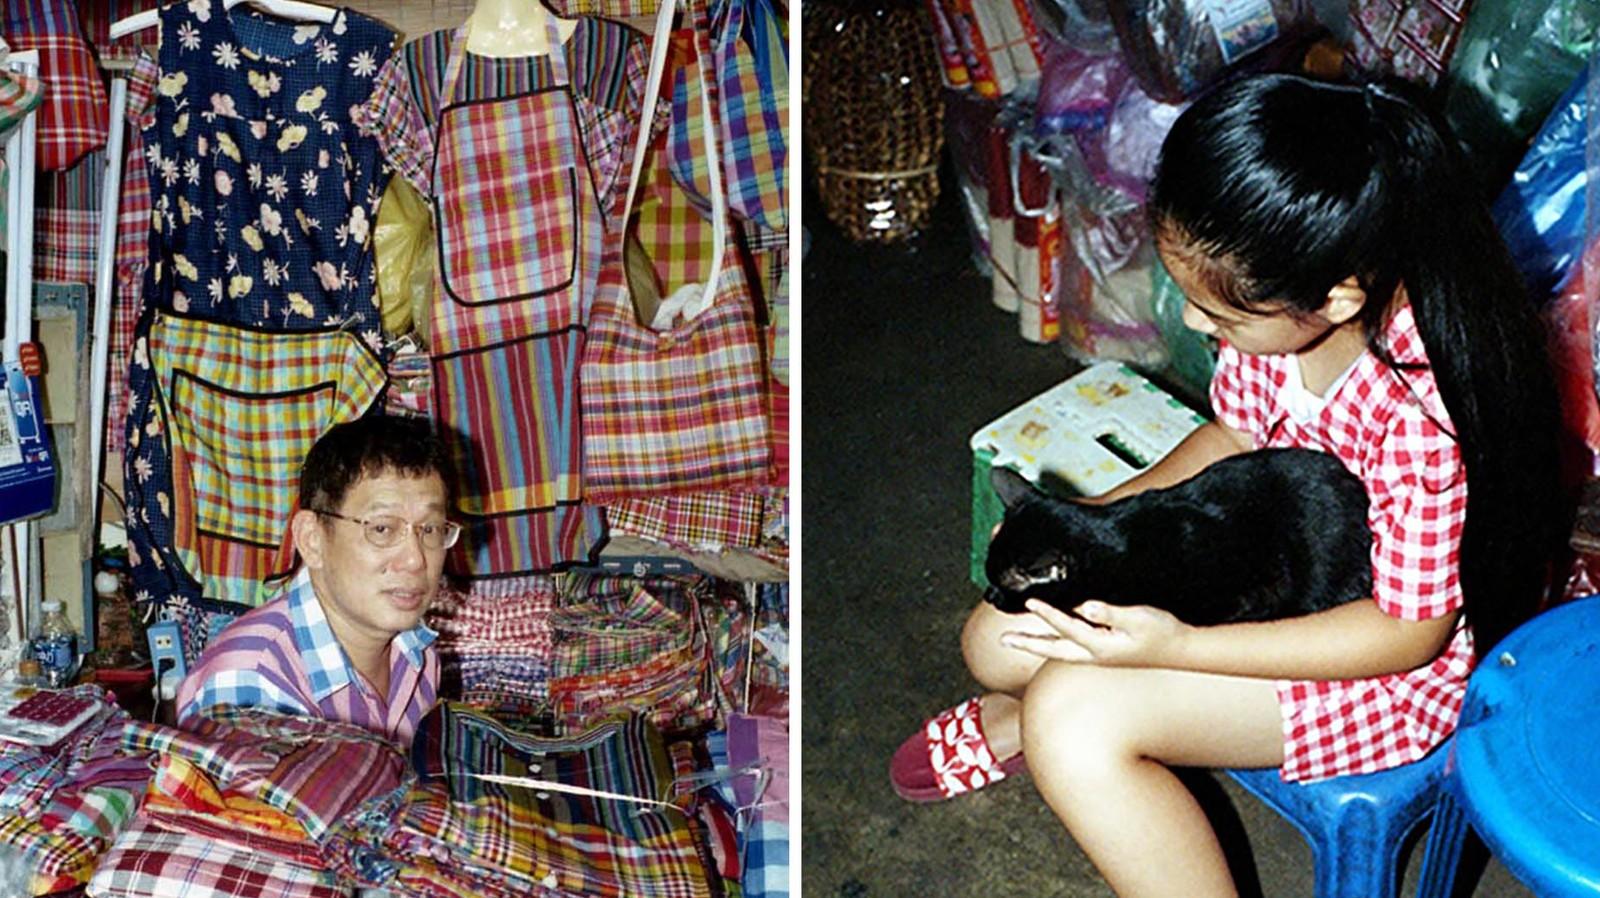 Ces photos vont vous donner envie d'acheter des trucs inutiles et colorés